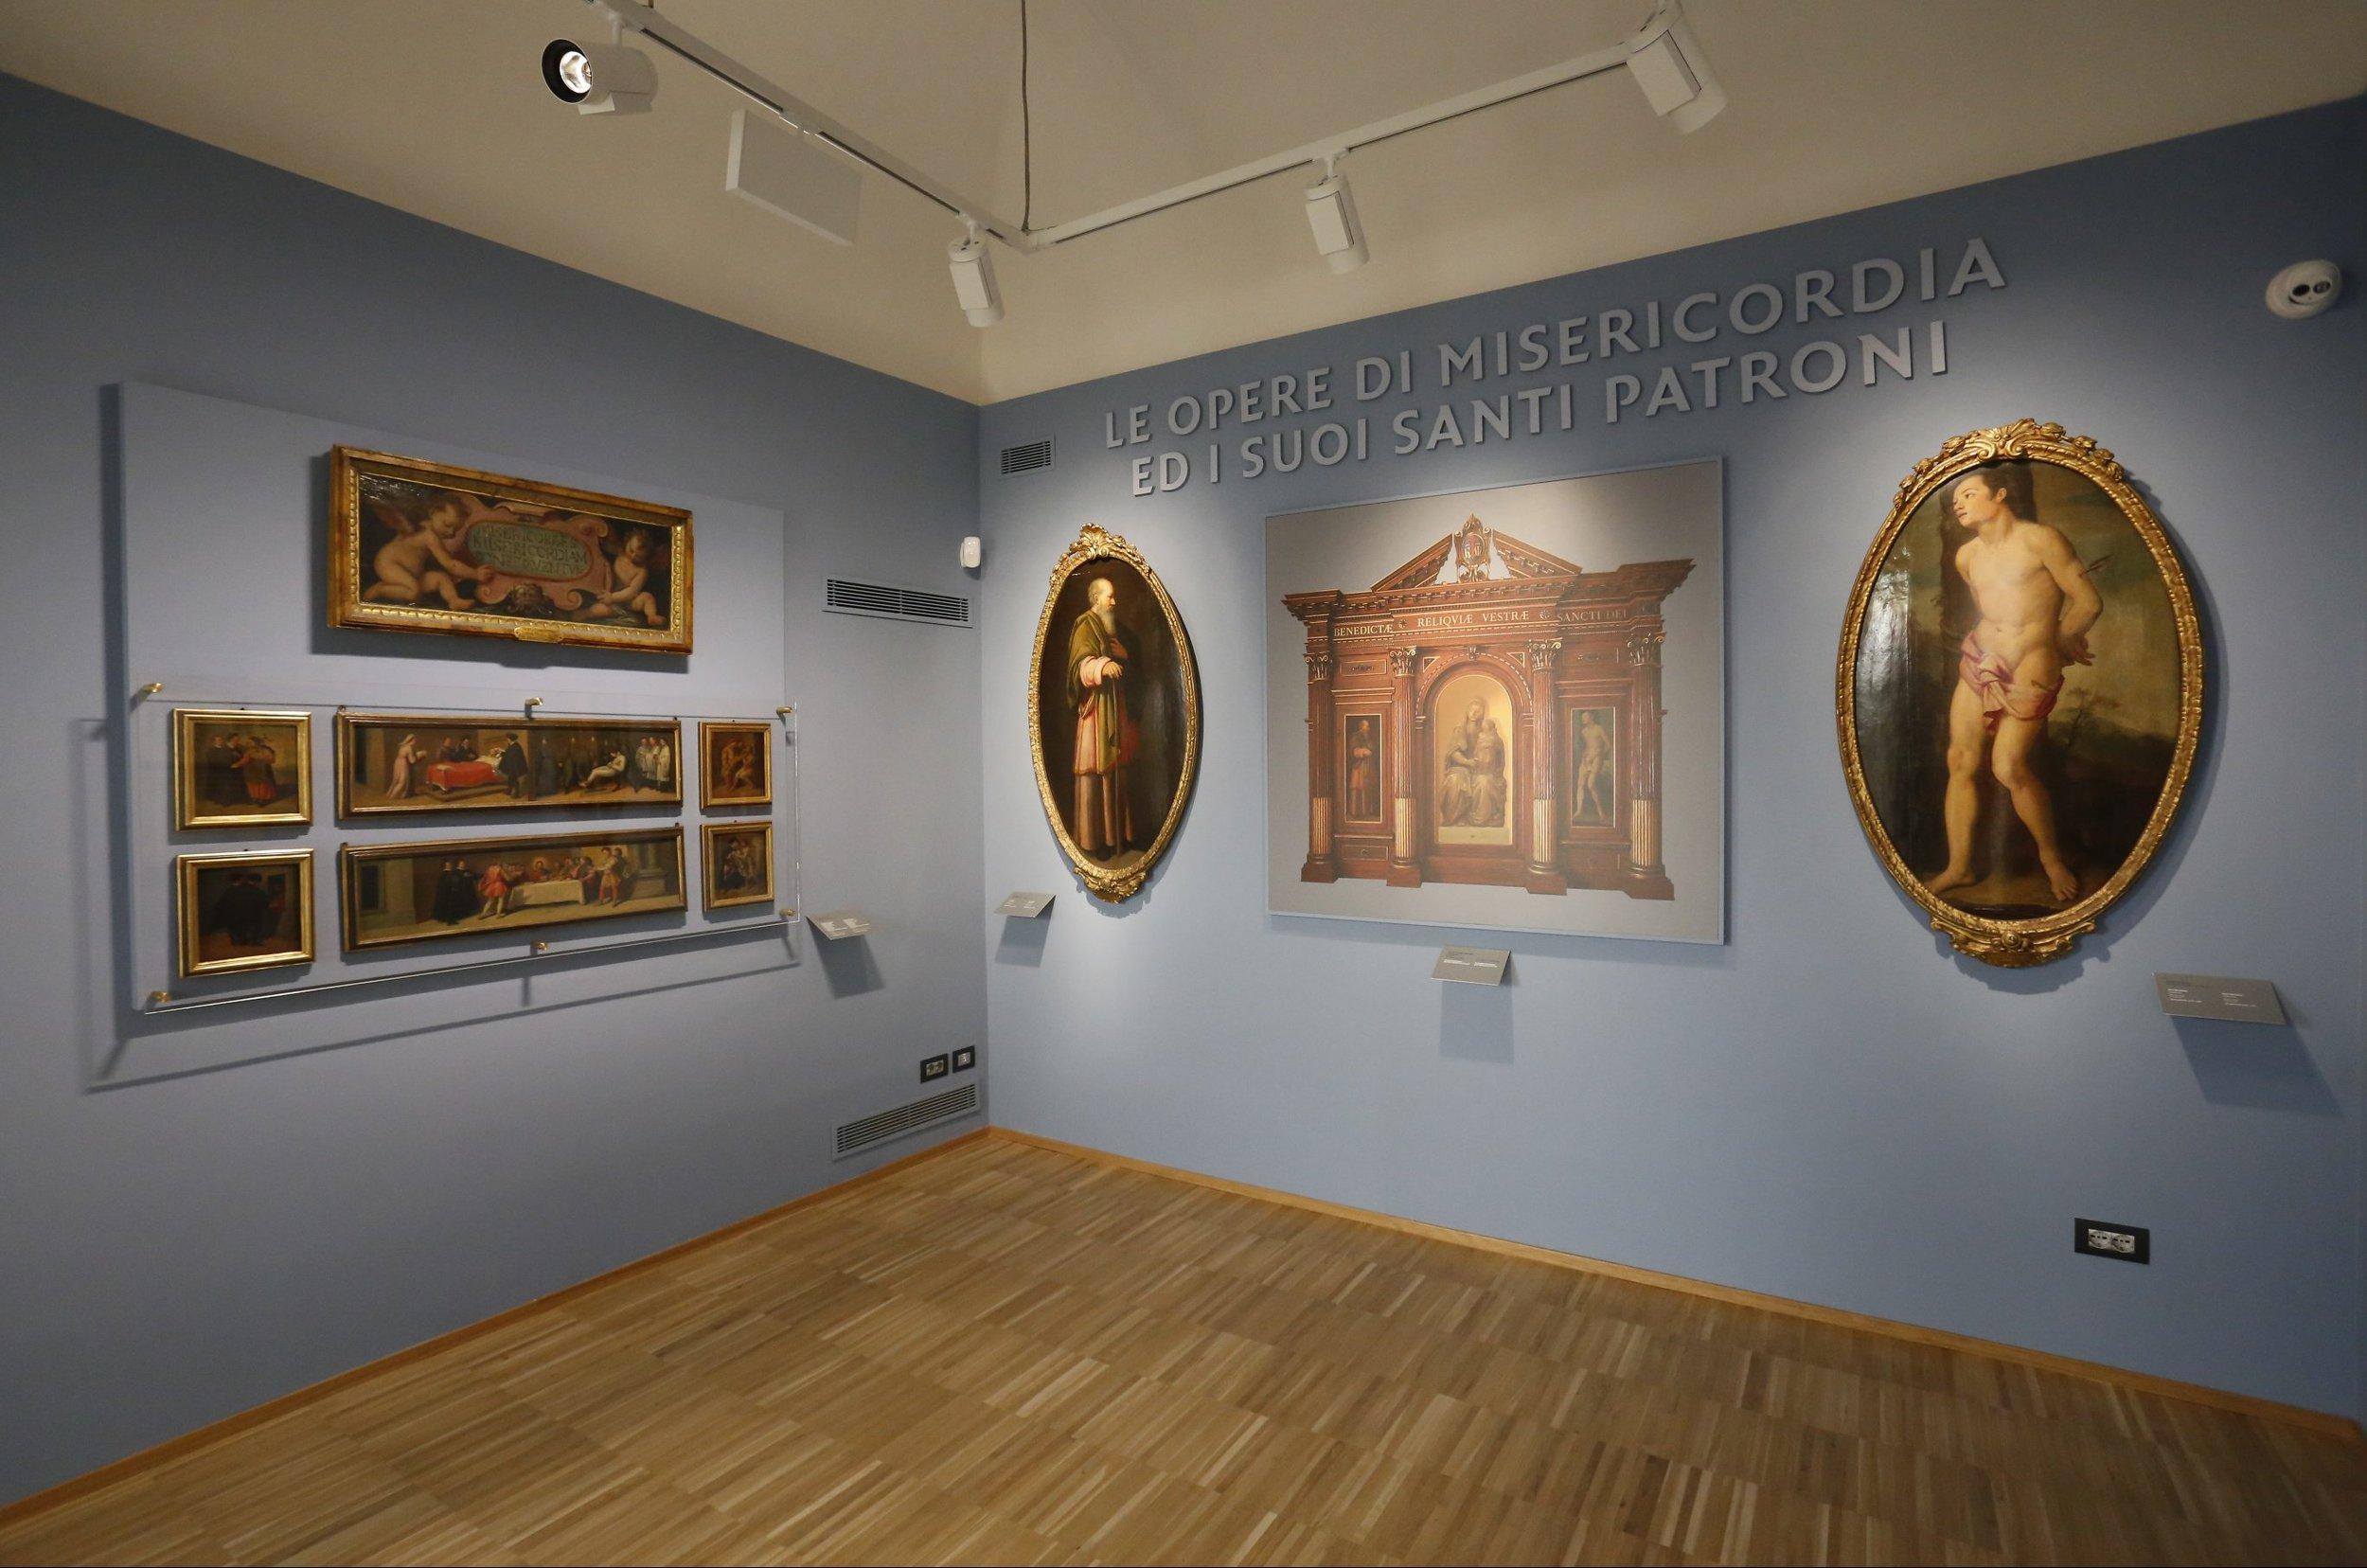 inauguazione-museo2-e1524219736276.jpg